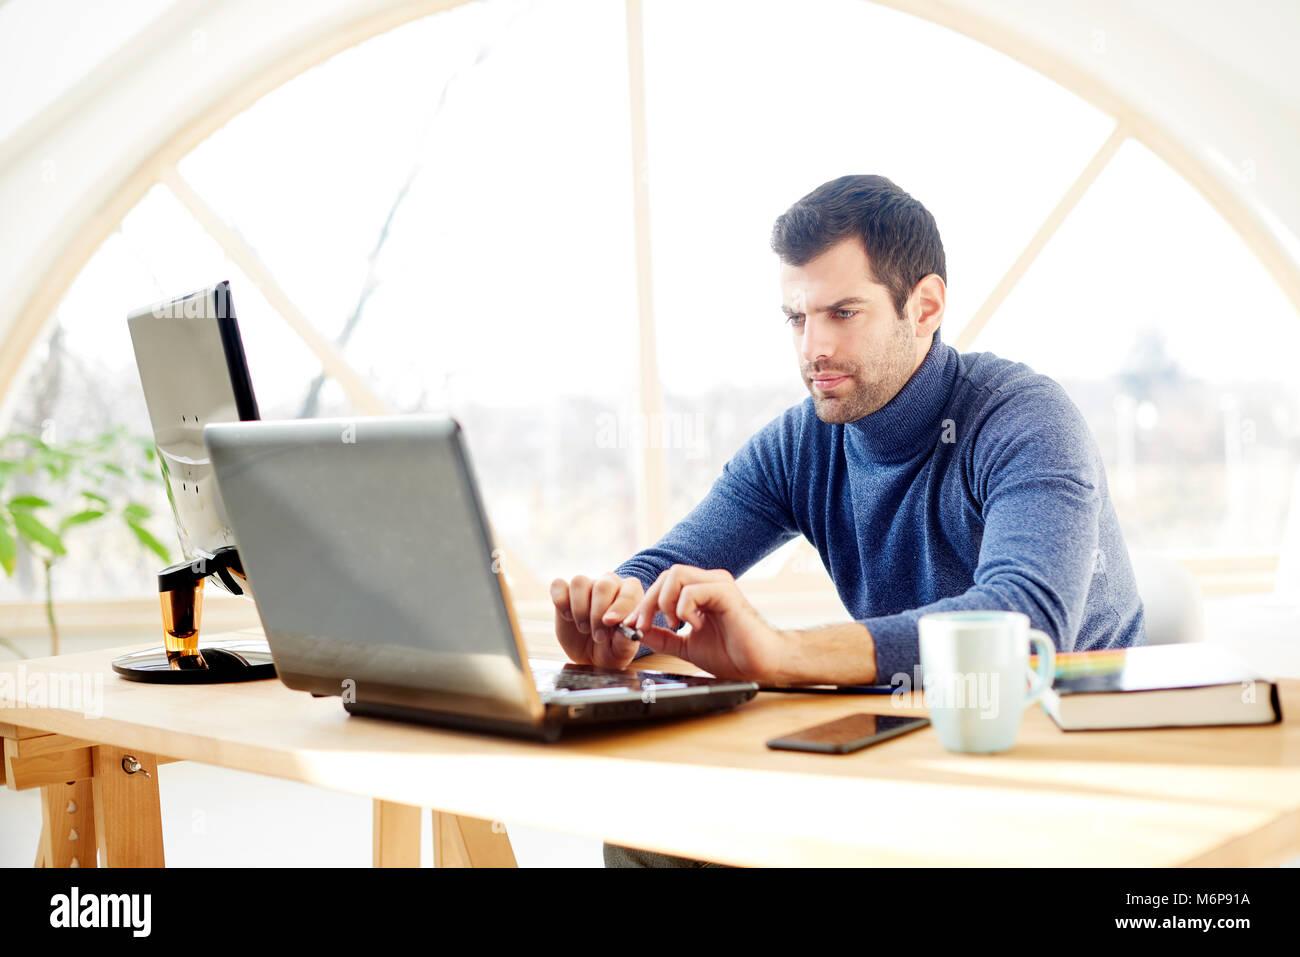 Ritratto di giovane imprenditore casuale utilizzando laptop mentre si lavora in ufficio. Immagini Stock